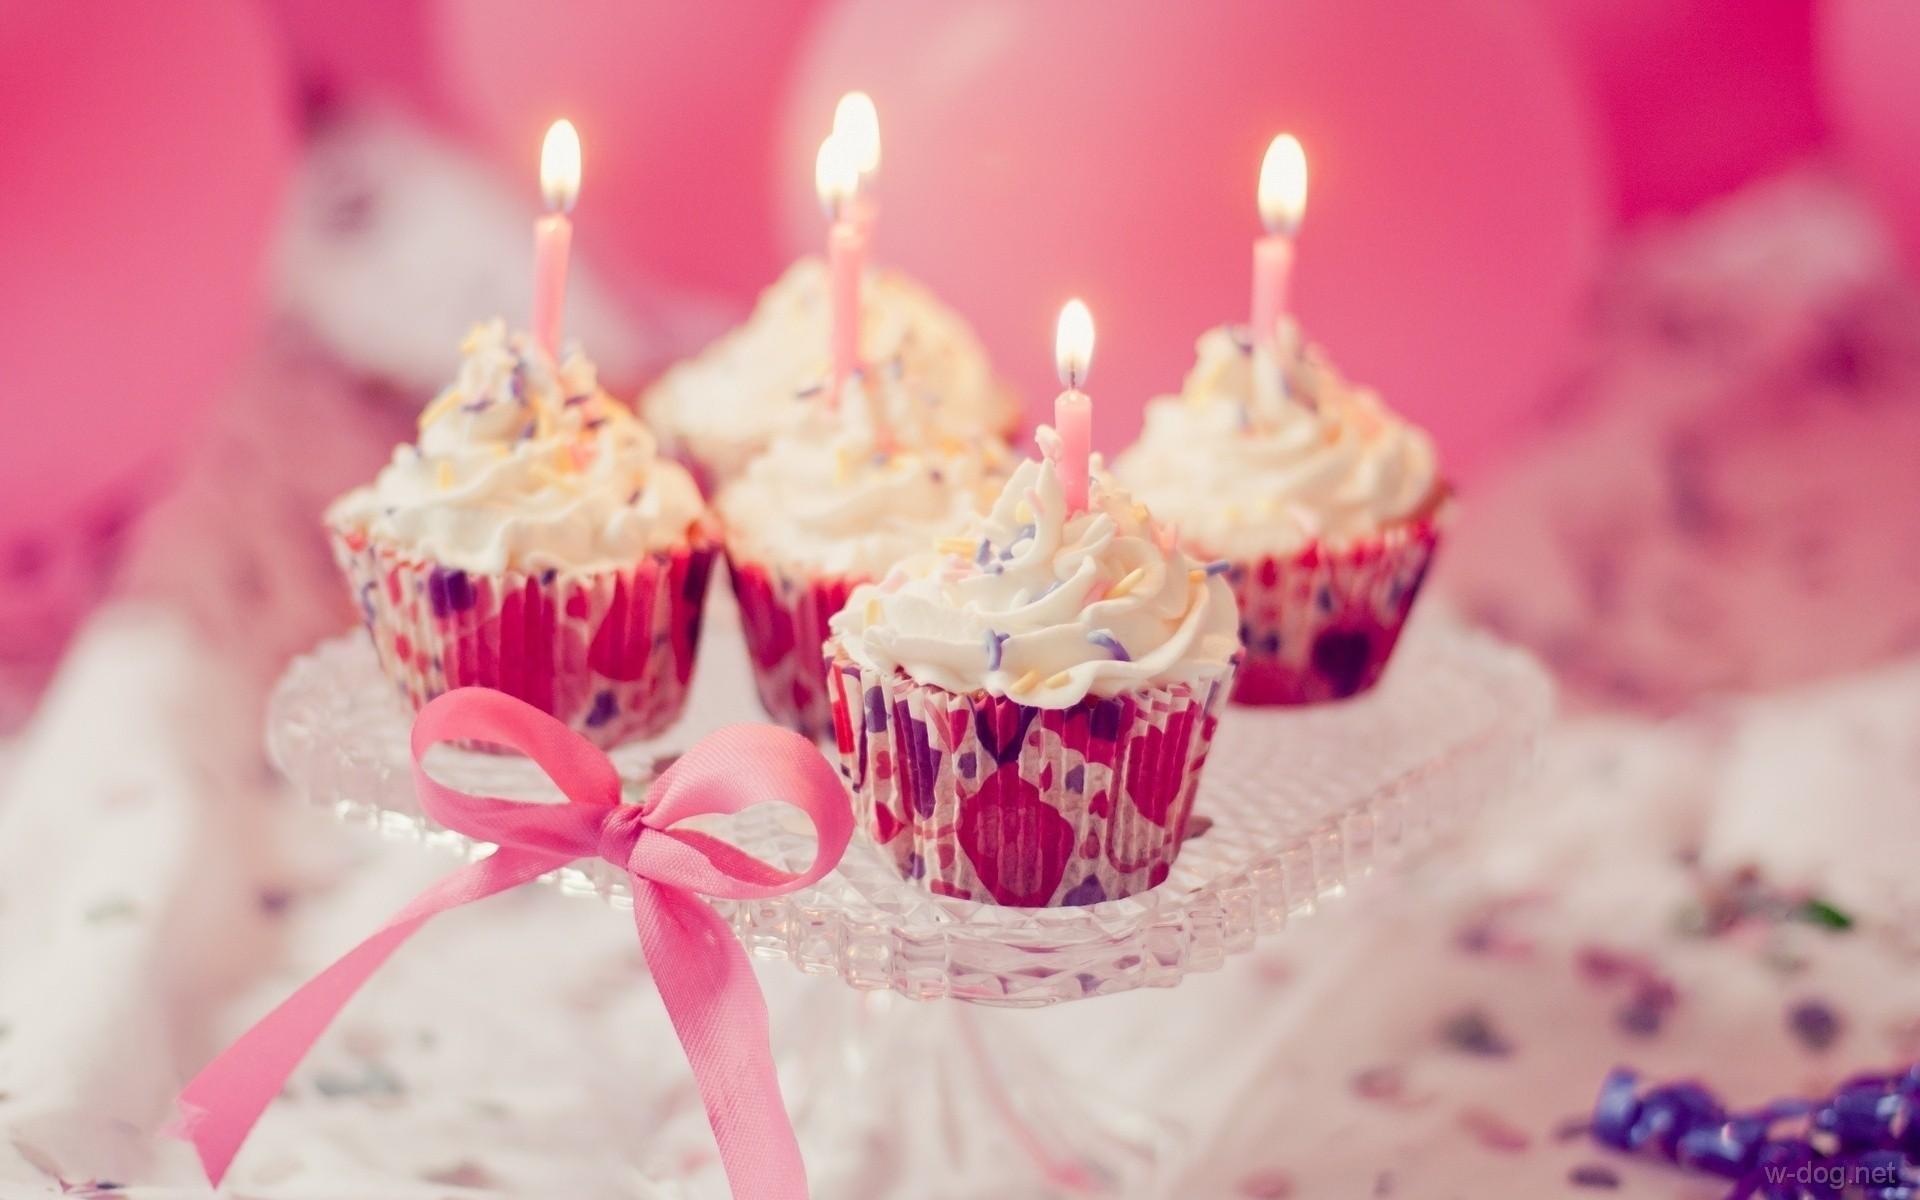 начнут красивые картинки с днем рождения с пирожным самых красивых мужчин